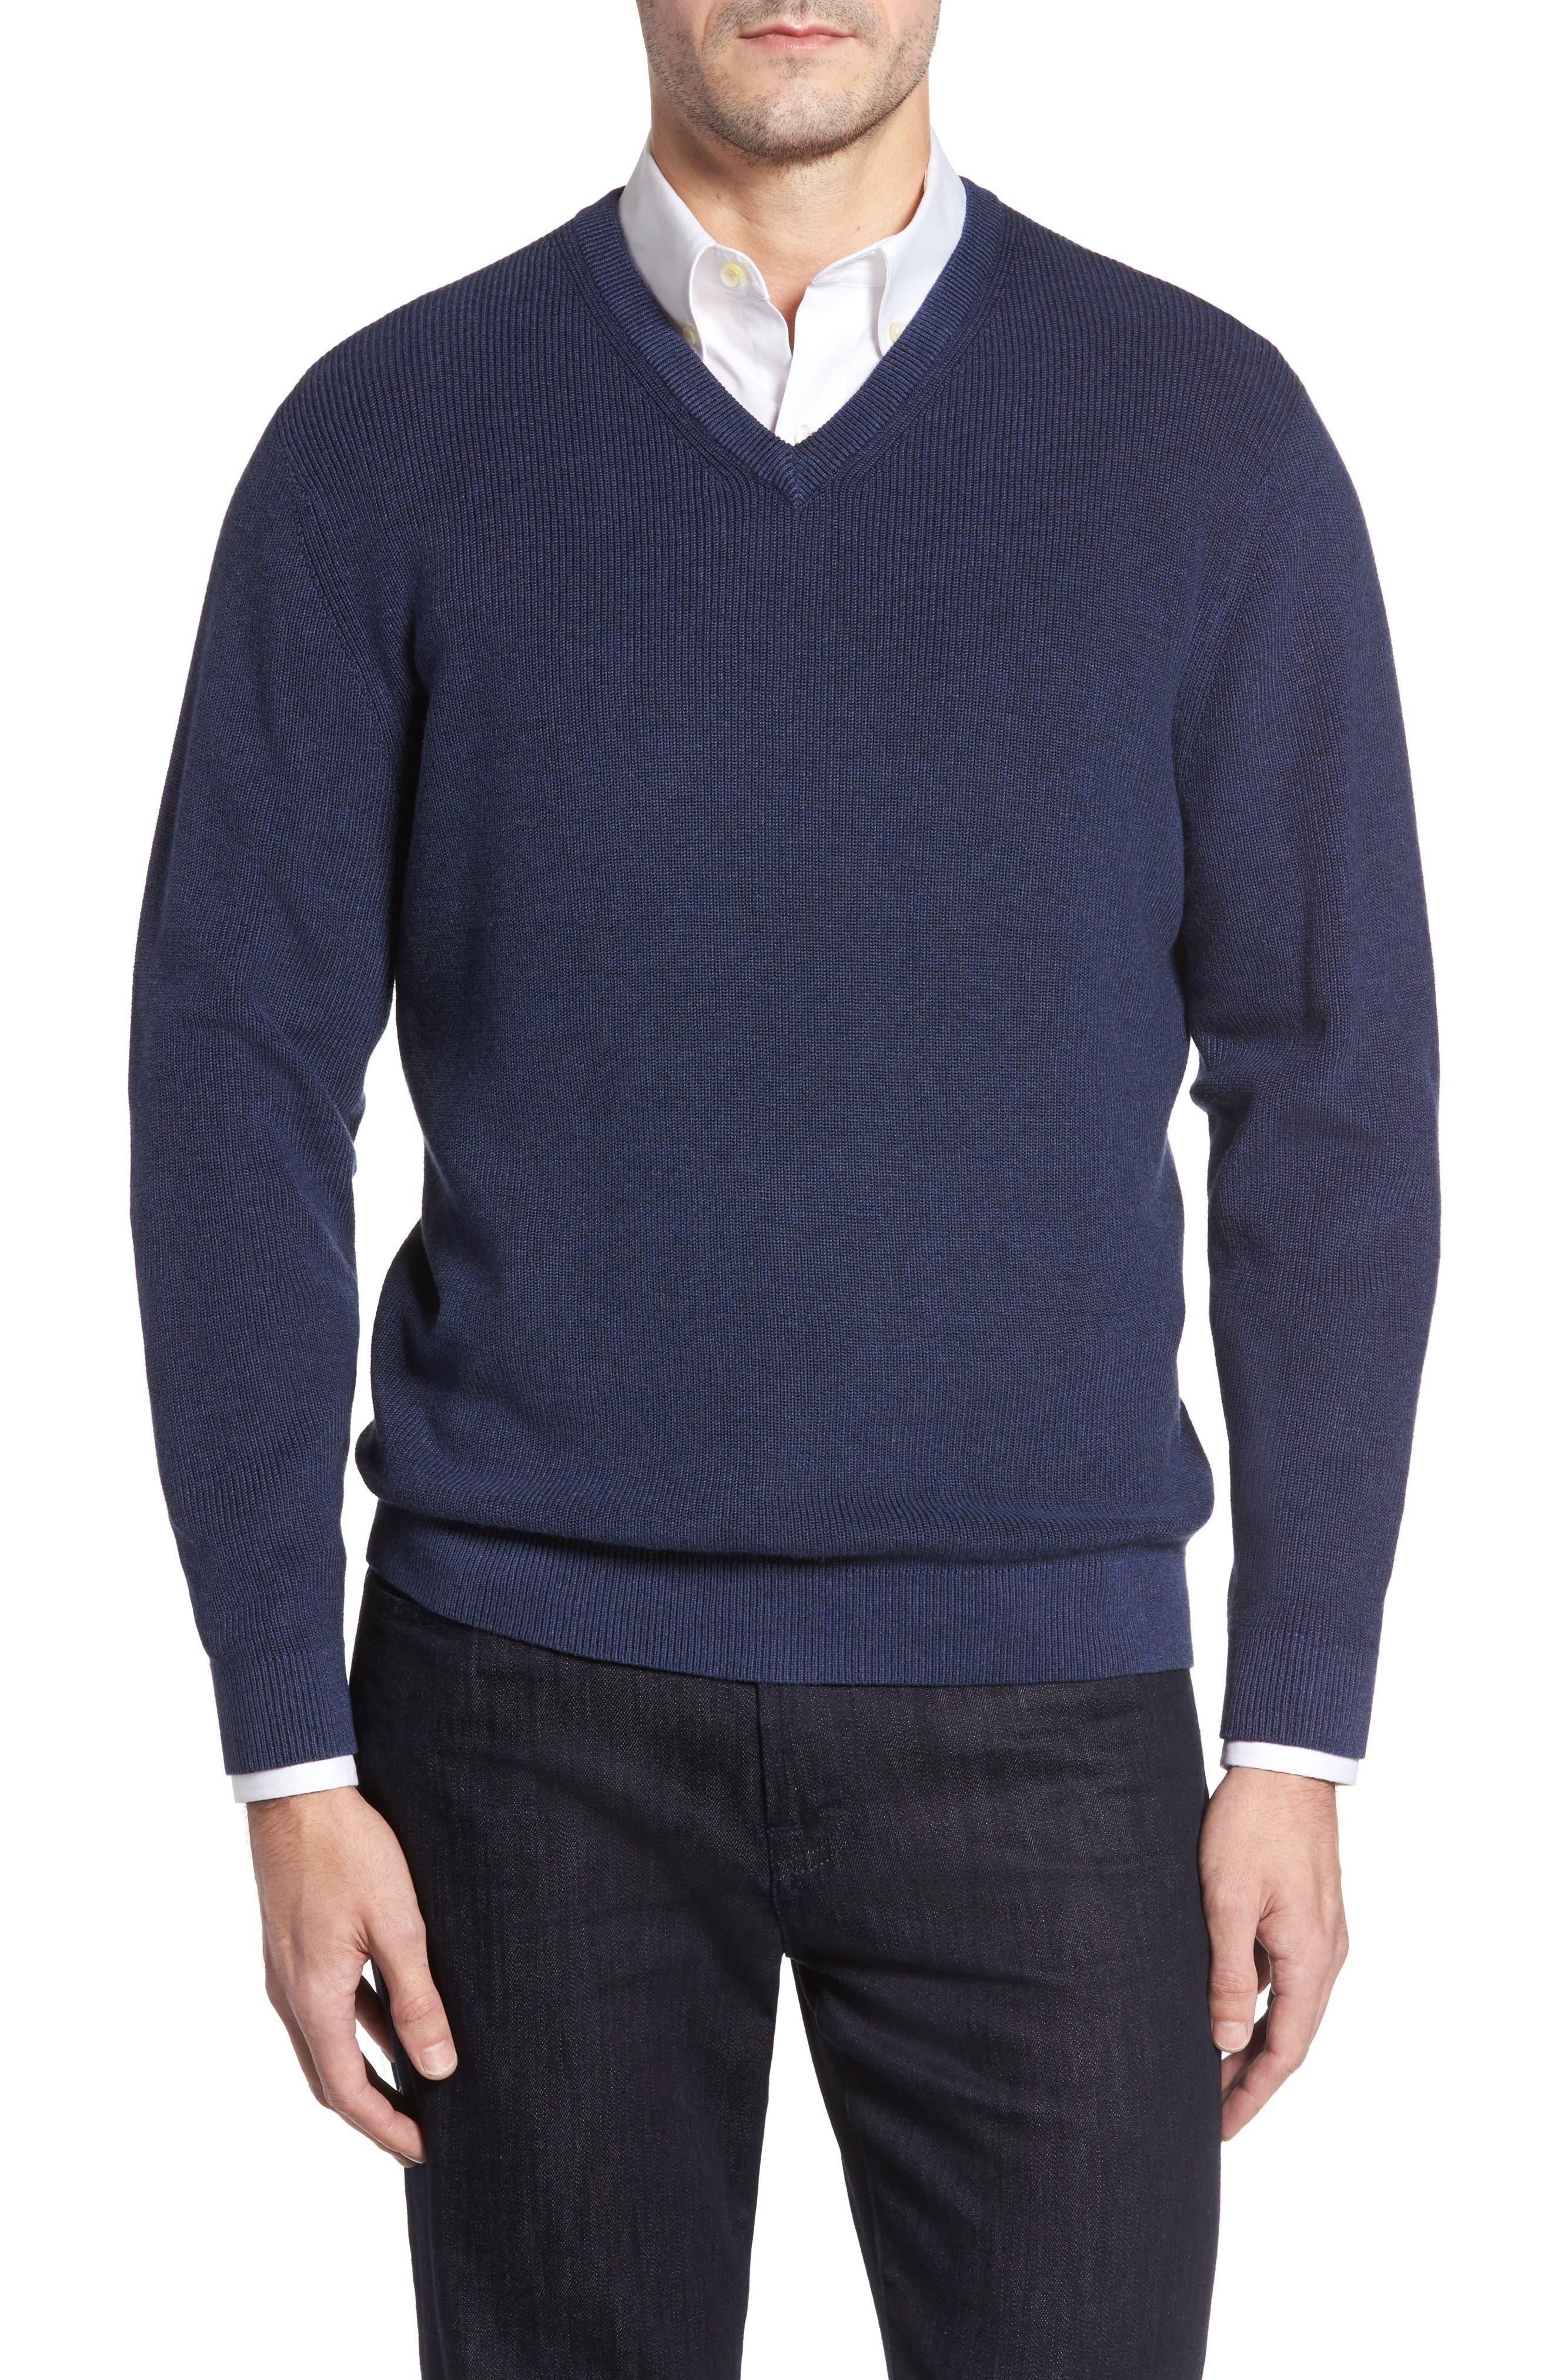 Las Palmas Reversible Sweater,                         Main,                         color, Downpour Heather